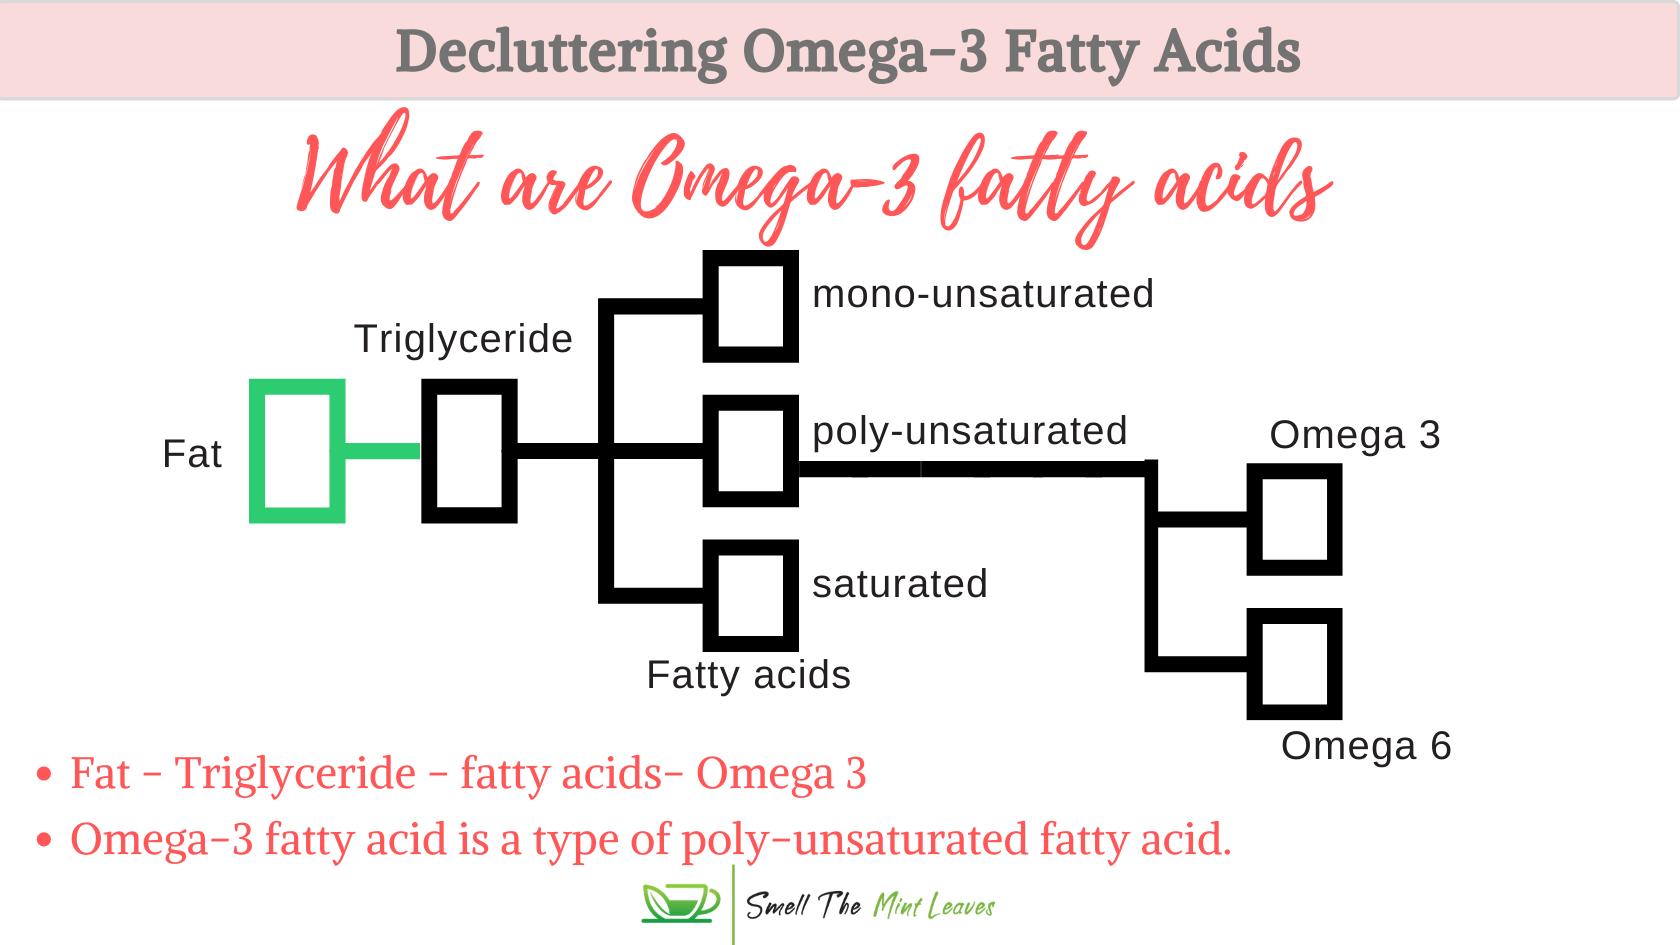 Omega-3 fatty acids explained